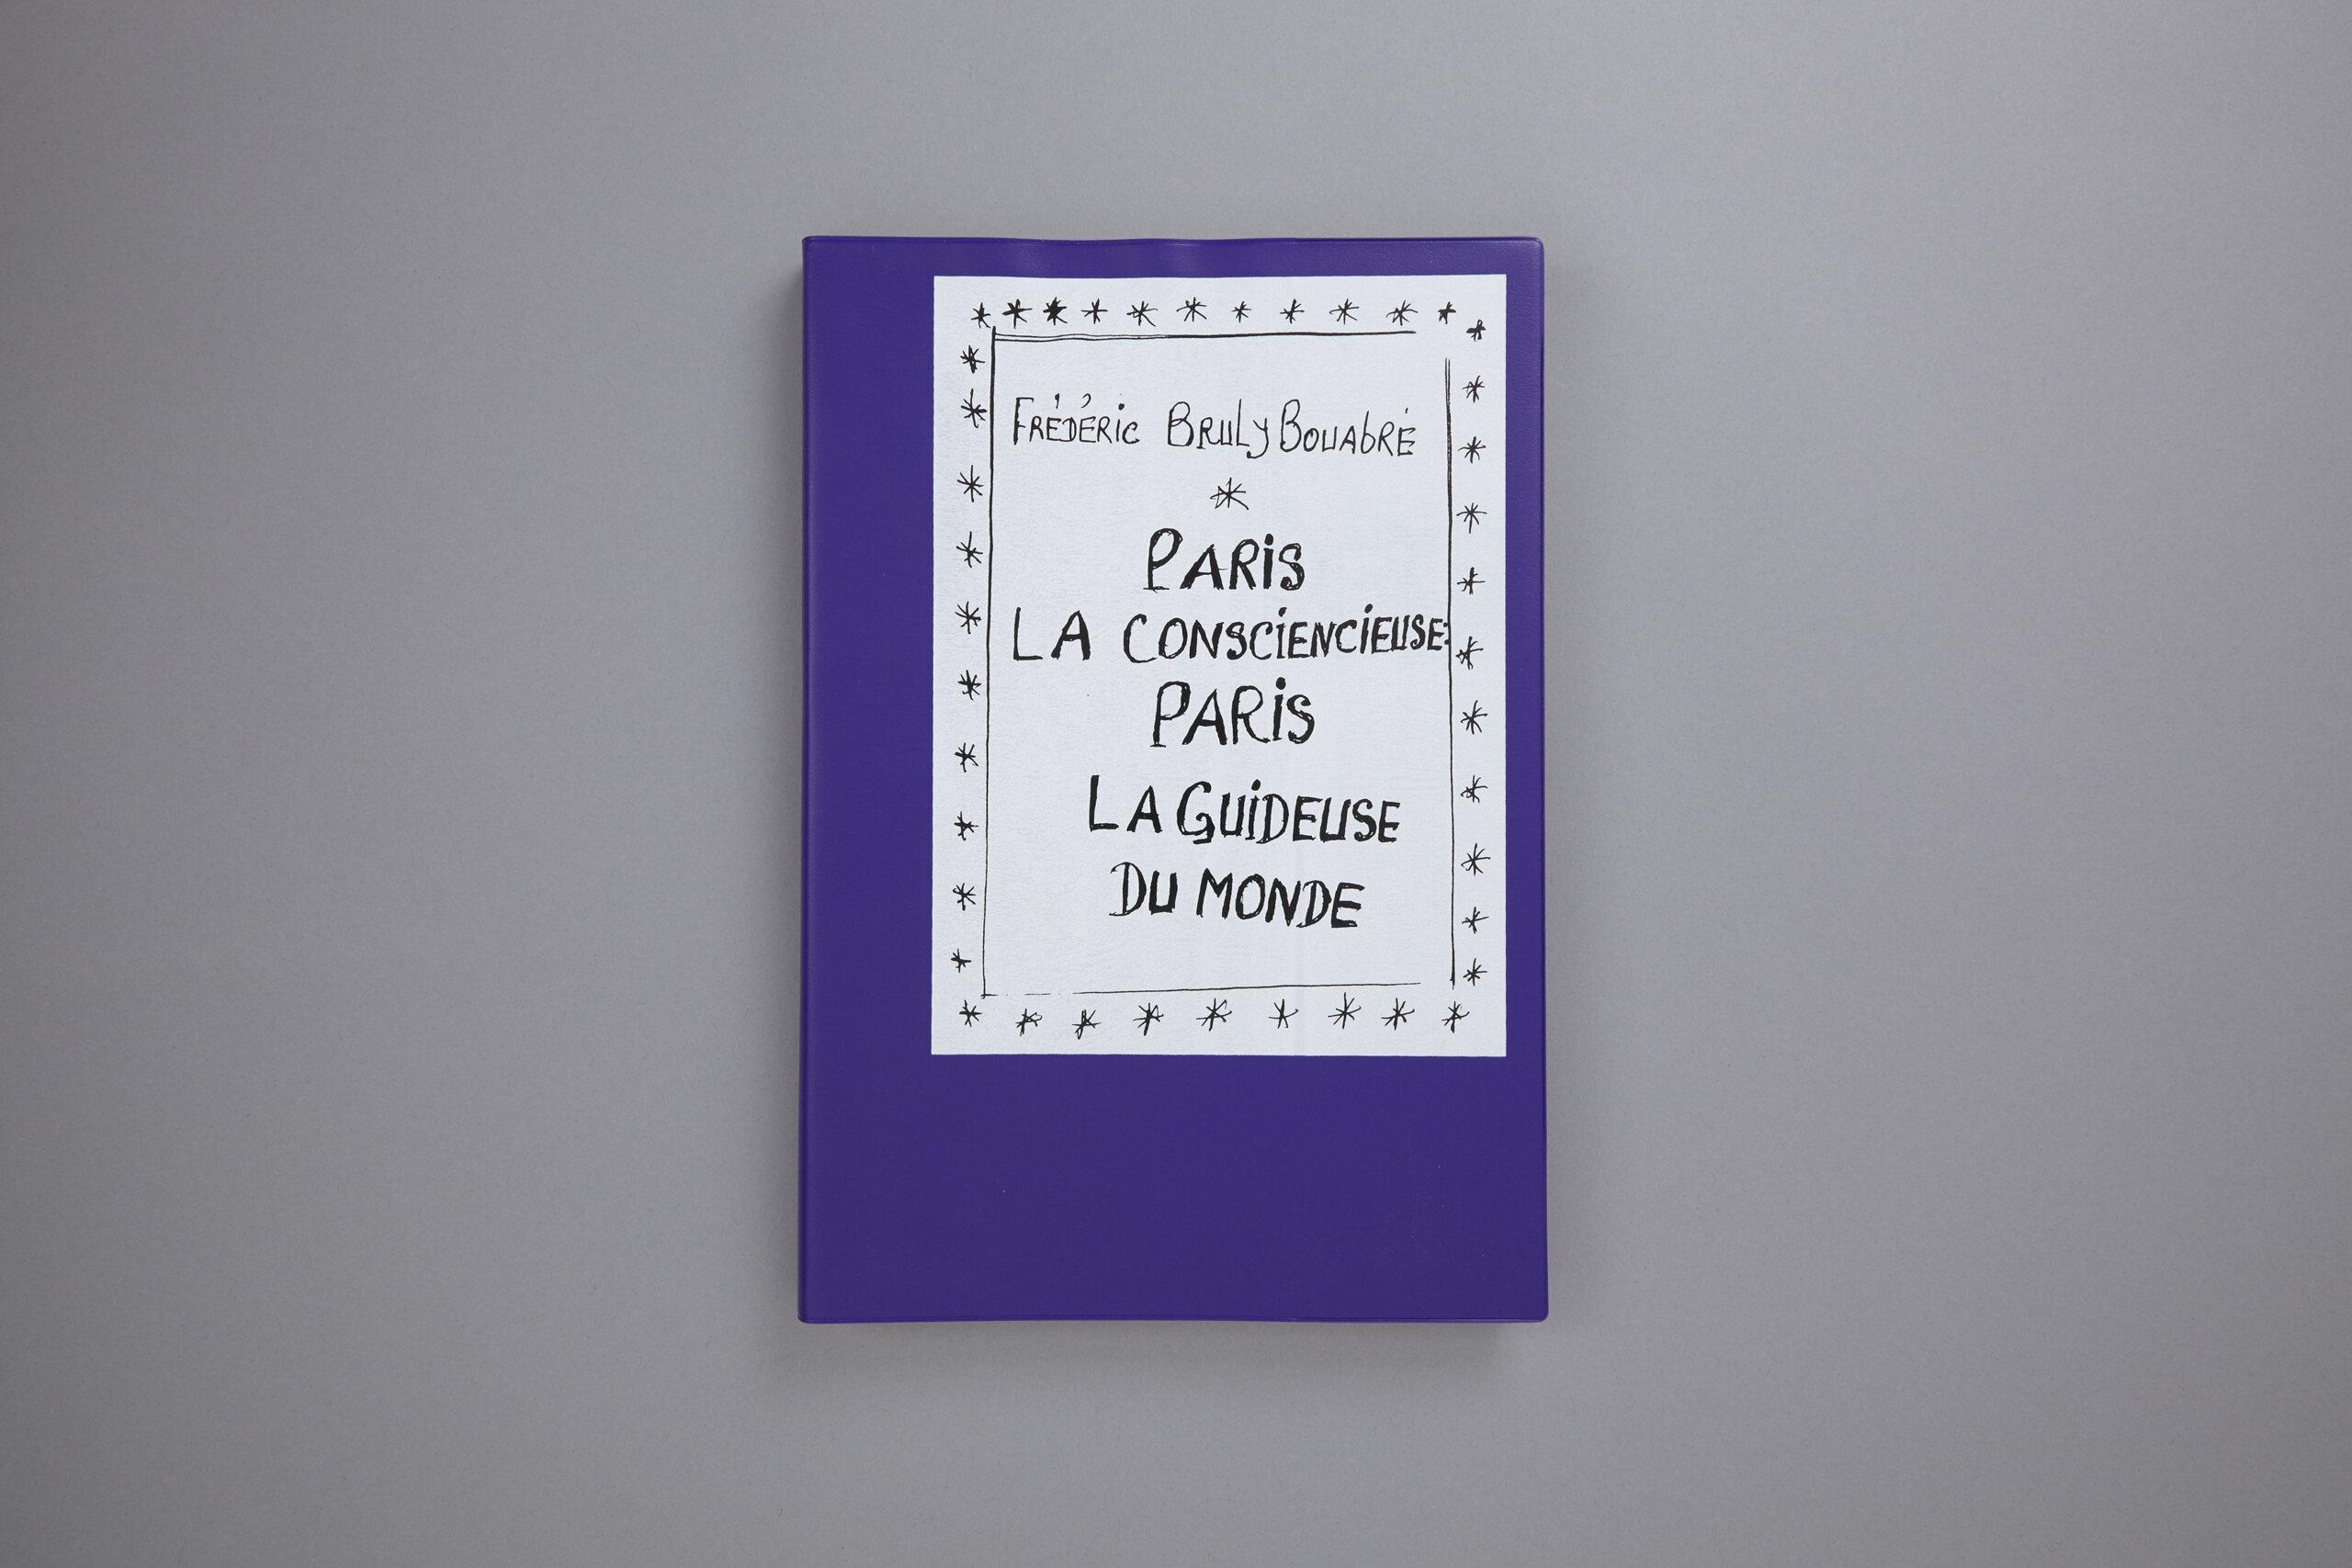 bury-bouabre-paris-delpire-co